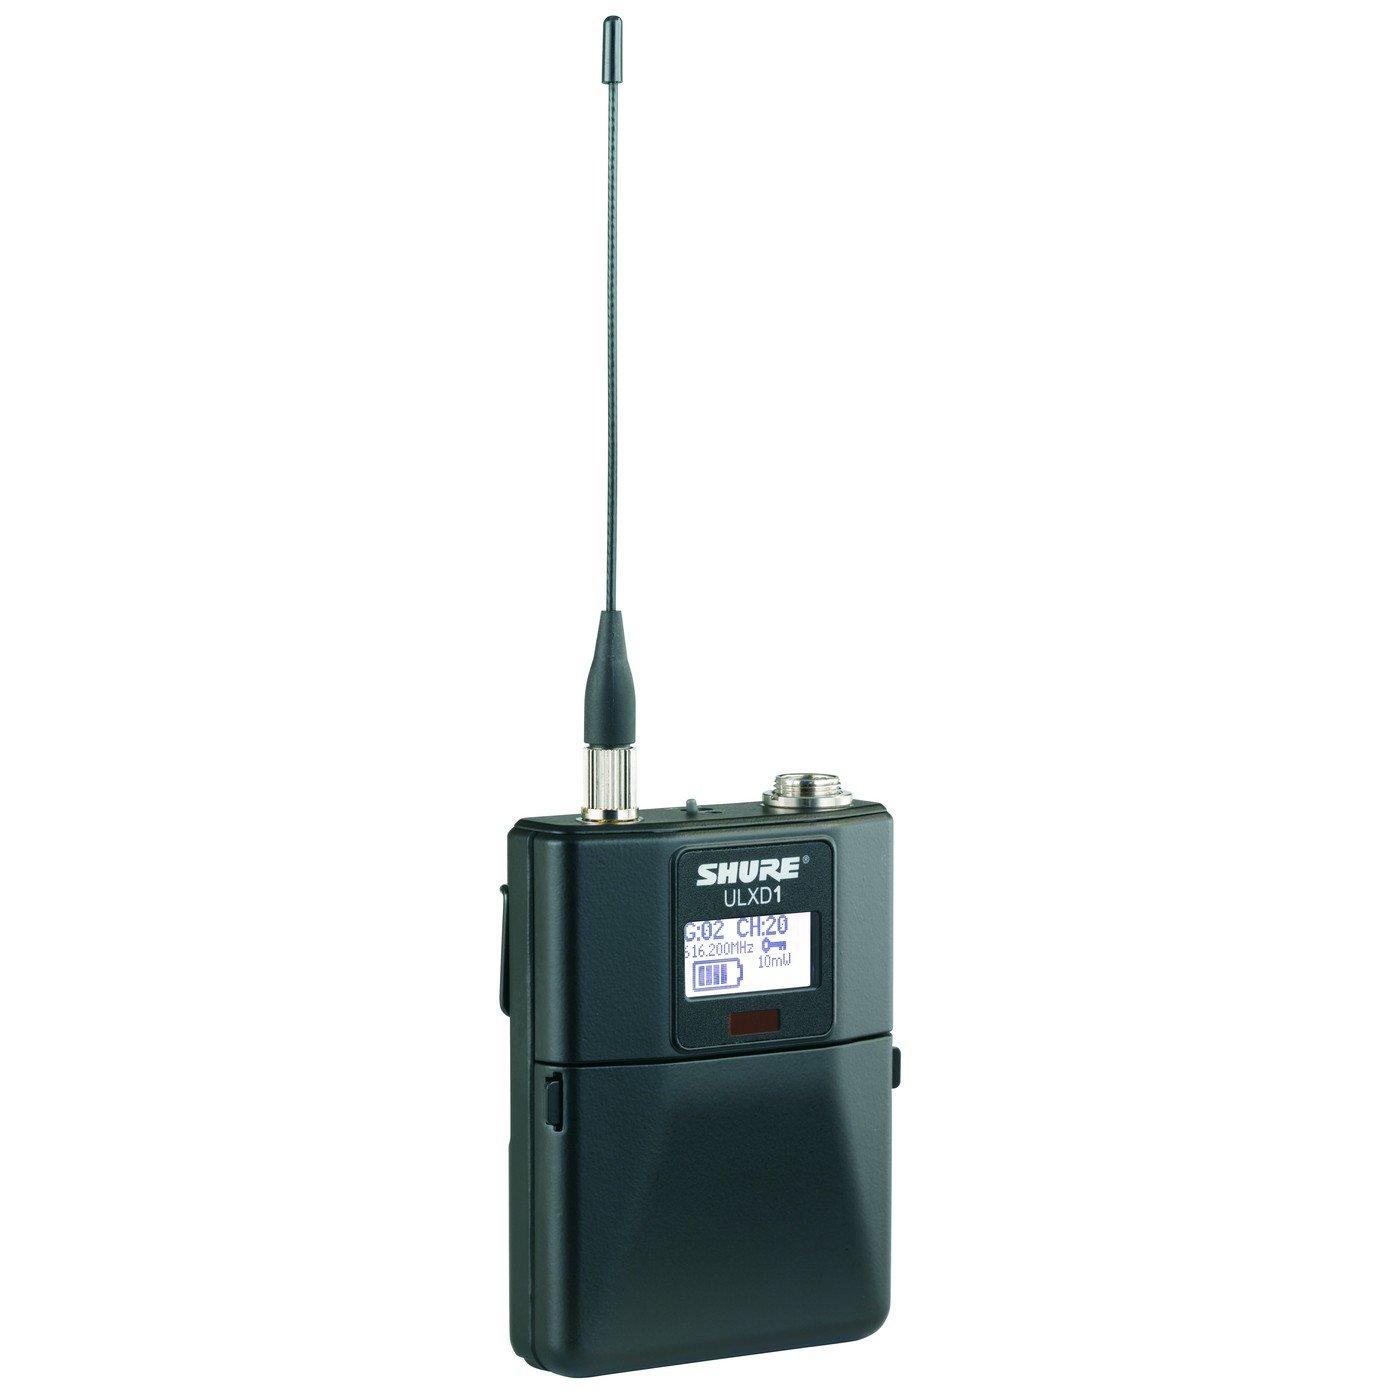 Shure ULXD1 L50 | Digital Wireless Bodypack Transmitter by Shure